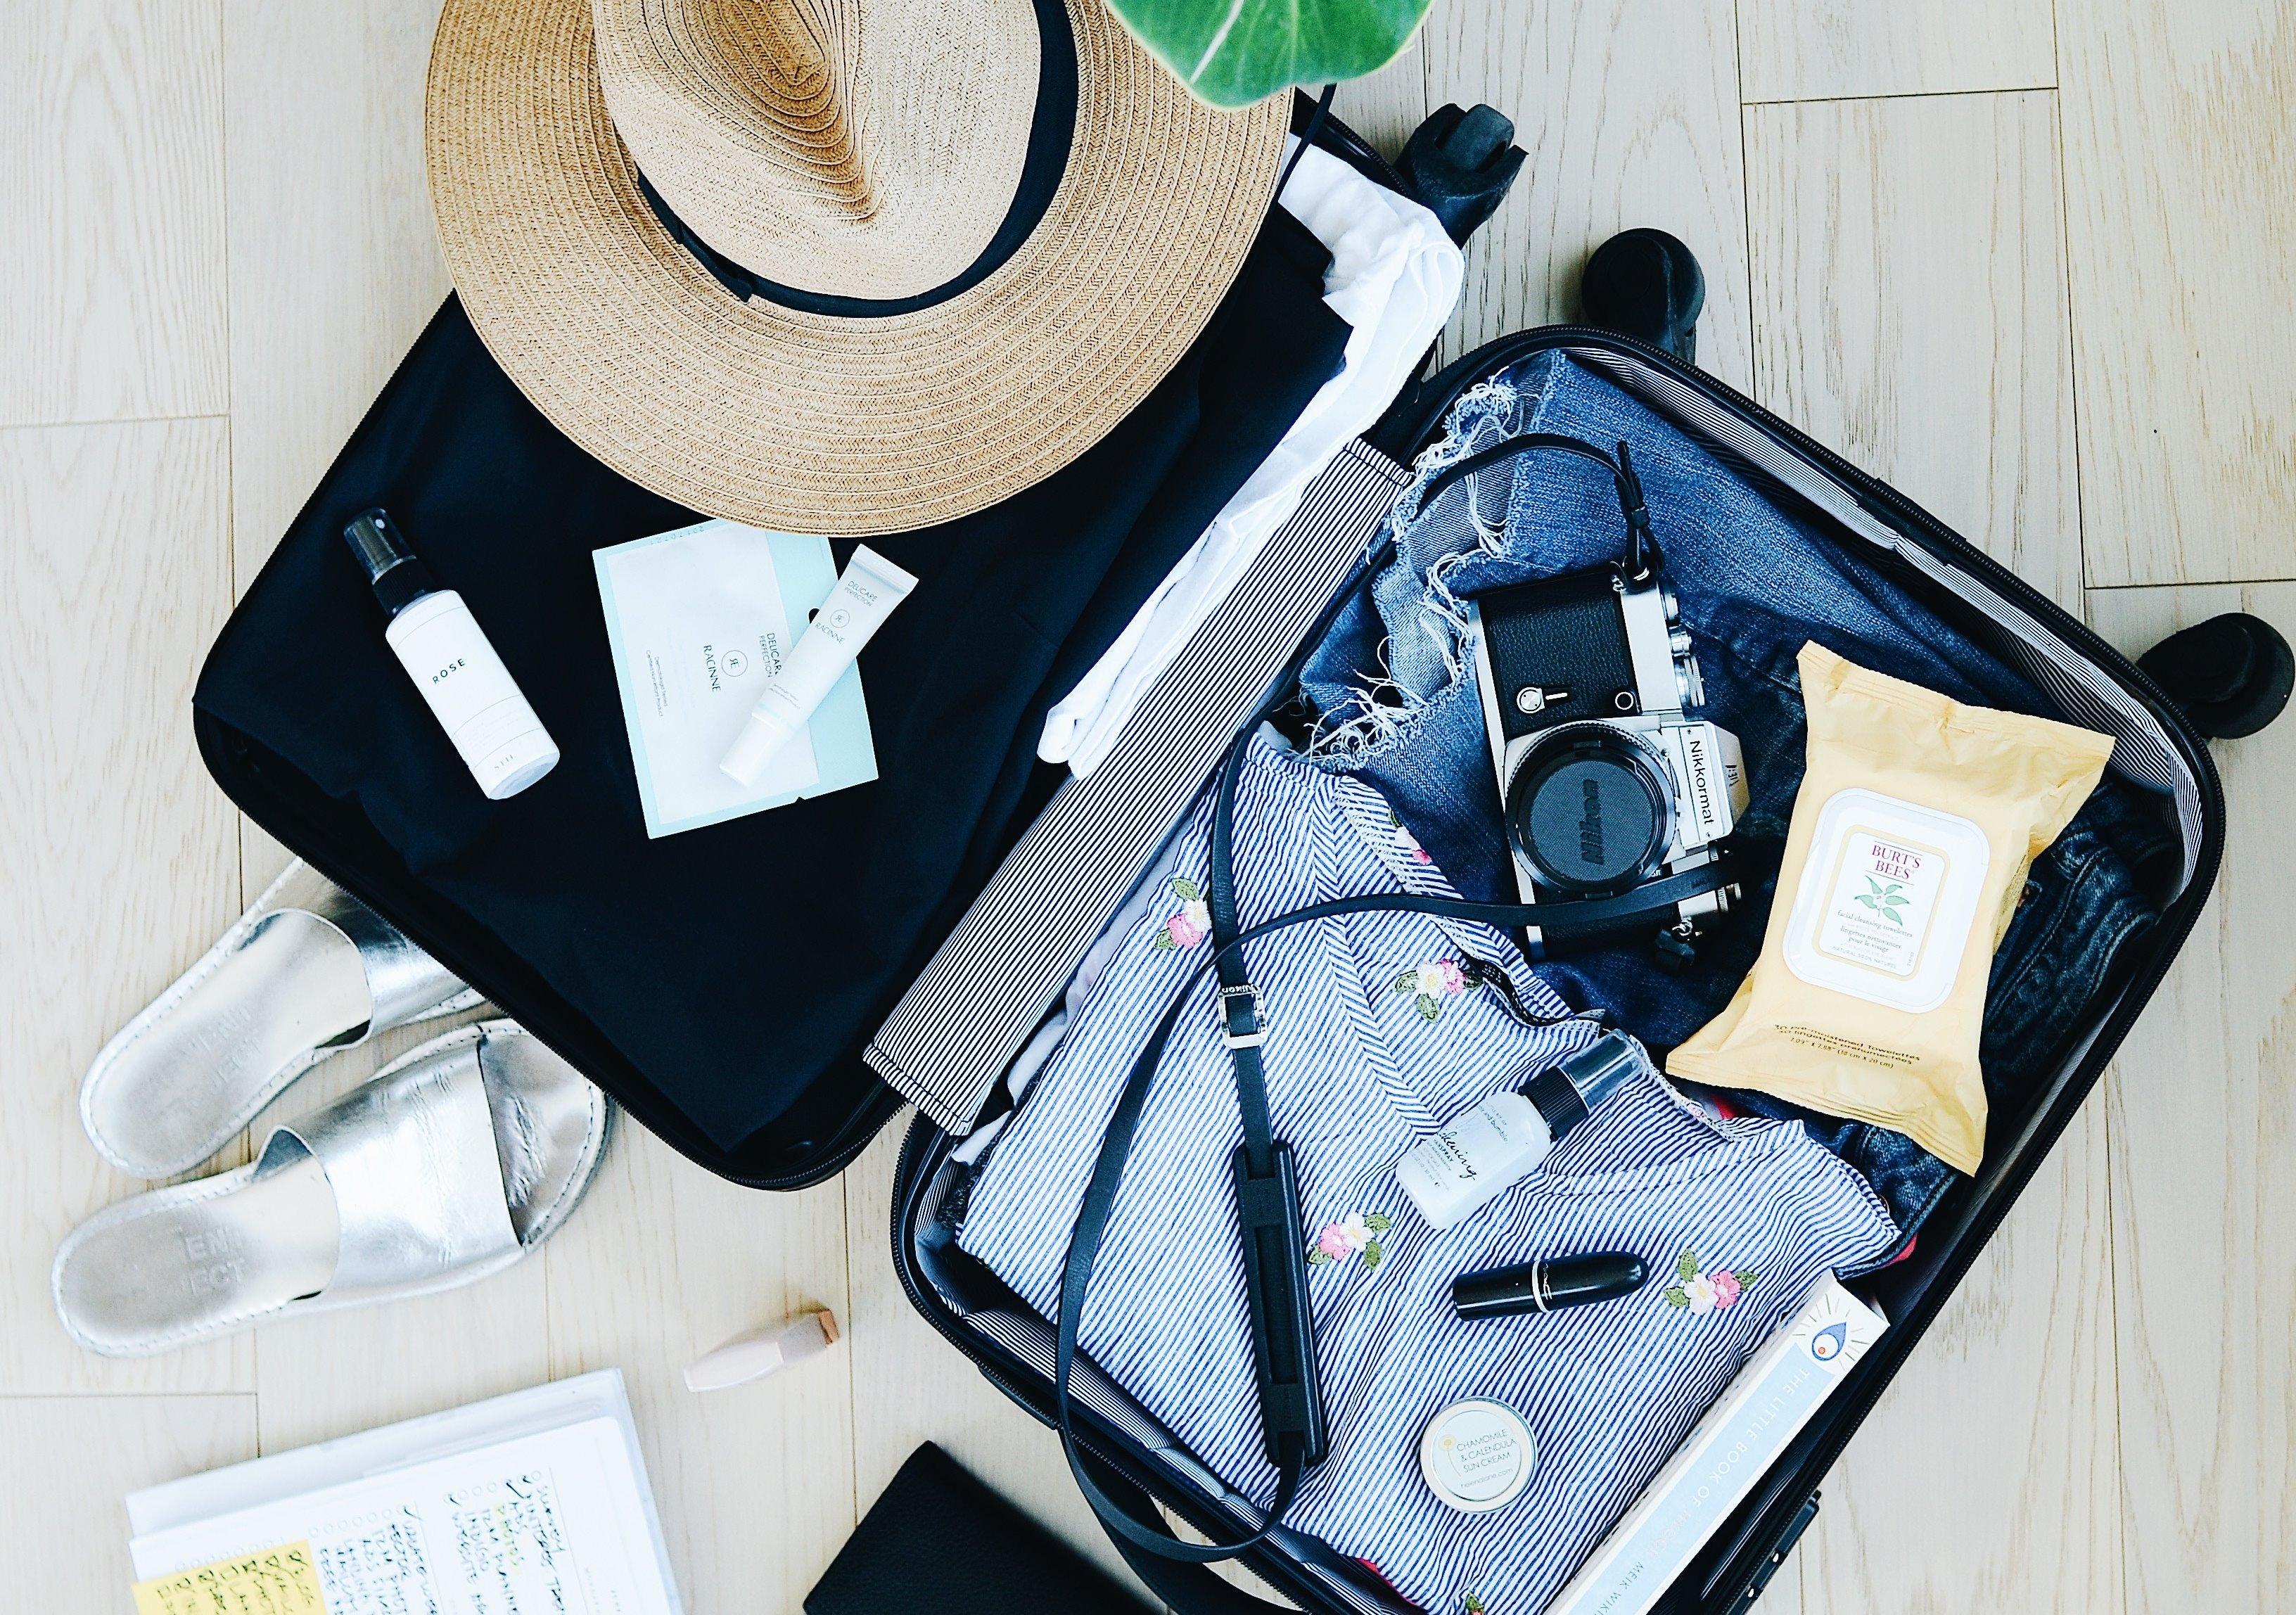 5 Kesalahan Umum Saat 'Packing' yang Menyusahkan Diri Sendiri dan Orang Lain